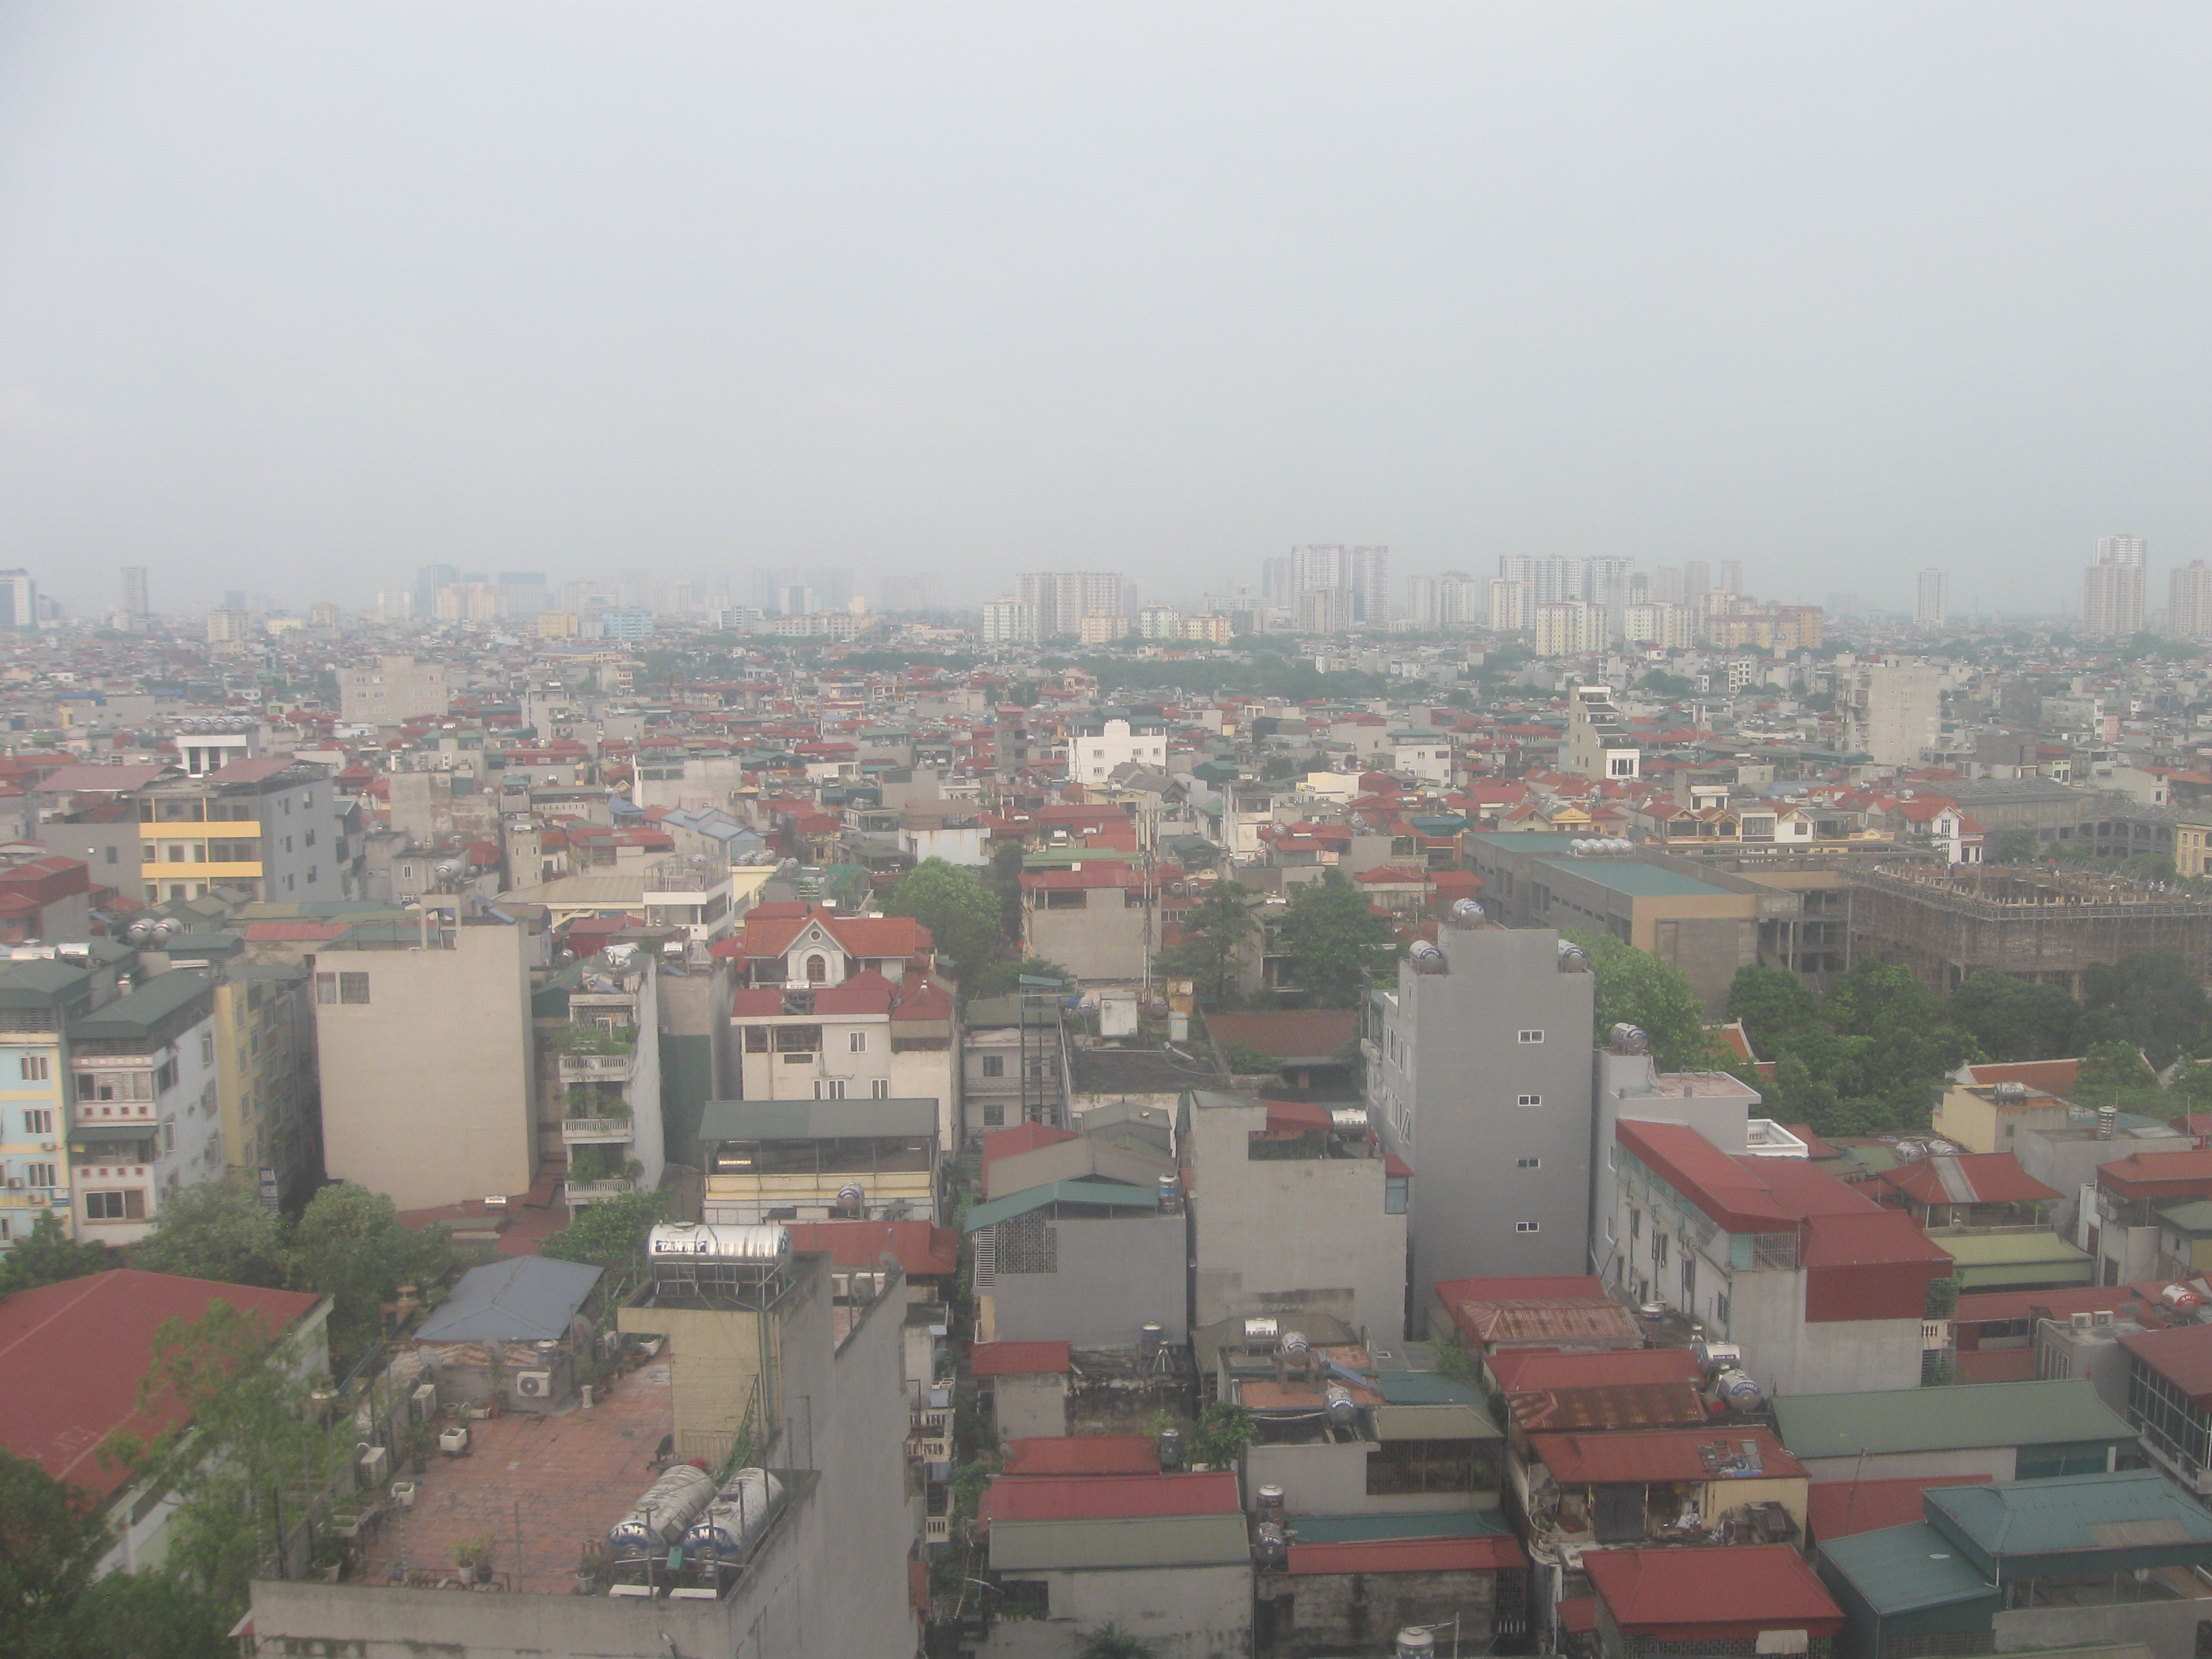 Mô hình sinh thái đô thị thích hợp cho các khu đô thị mới tại Hà Nội (Trường hợp nghiên cứu: Khu đô thị mới Văn Quán)